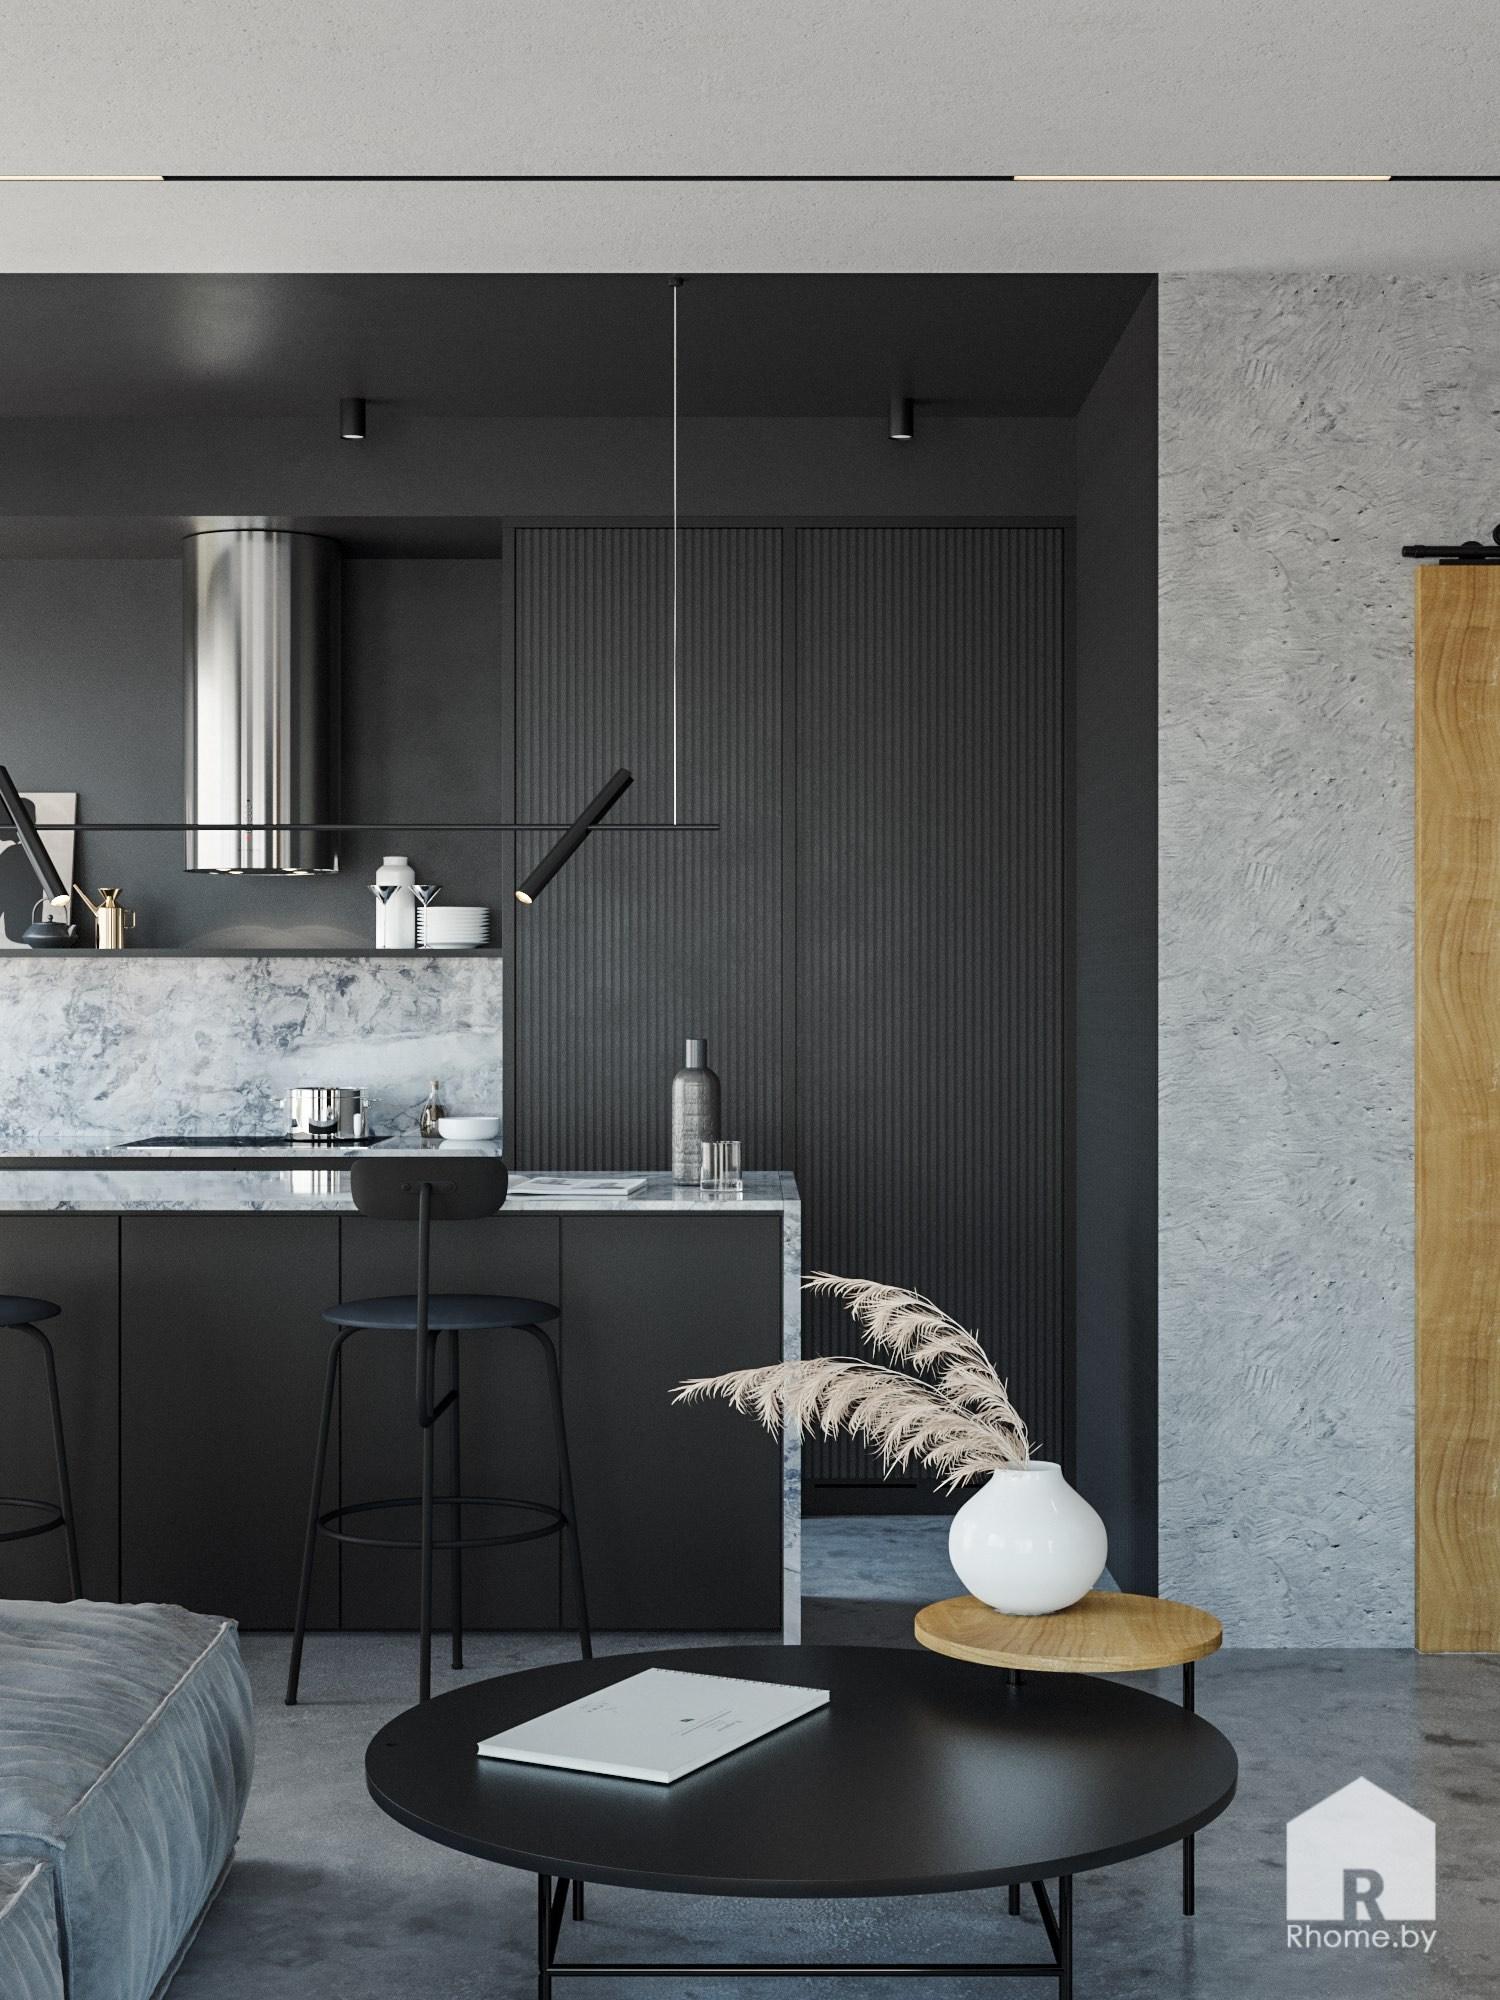 Черная кухня на заднем плане, а на переднем –Мягкий серый диван в гостиной с большими окнами и черной люстрой над ним и круглым журнальным столиком рядом.